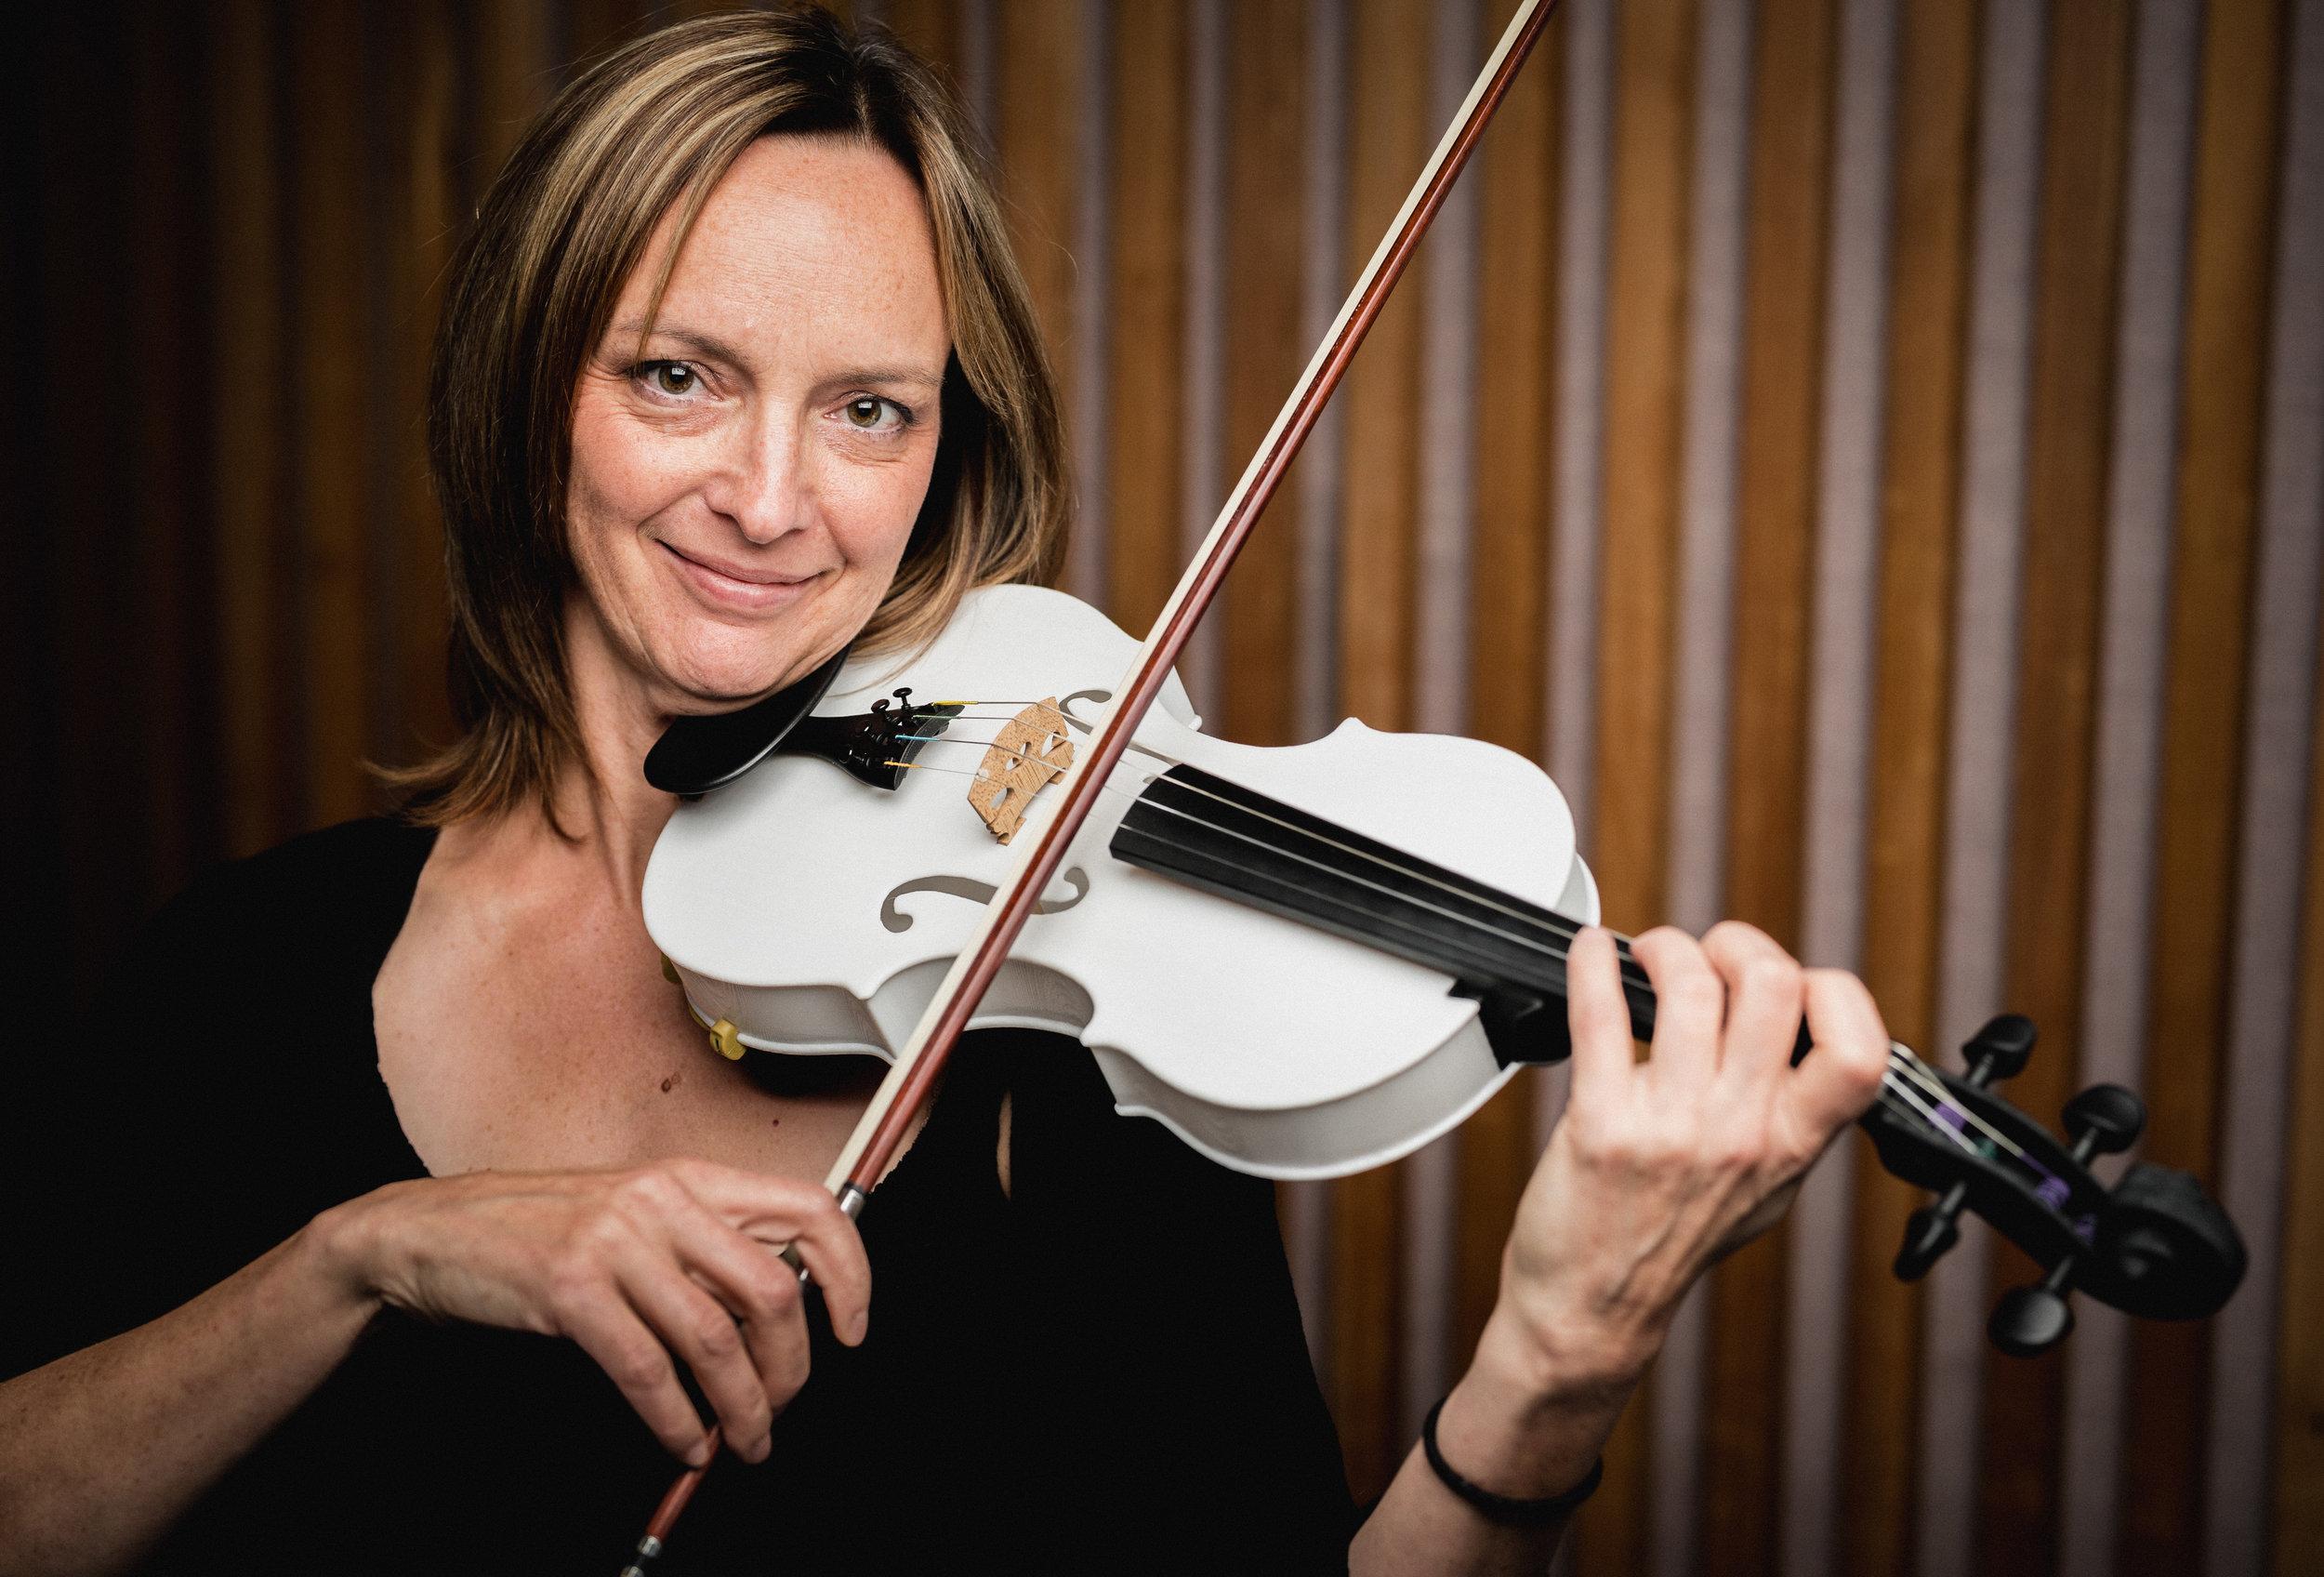 Natalie Deschesnes, Violin